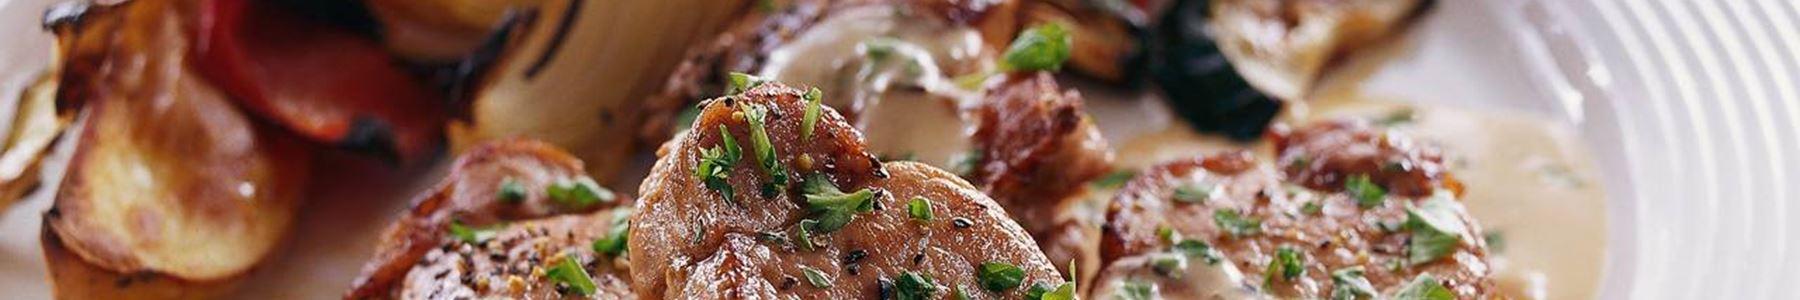 Kött + Grädde + Rosmarin